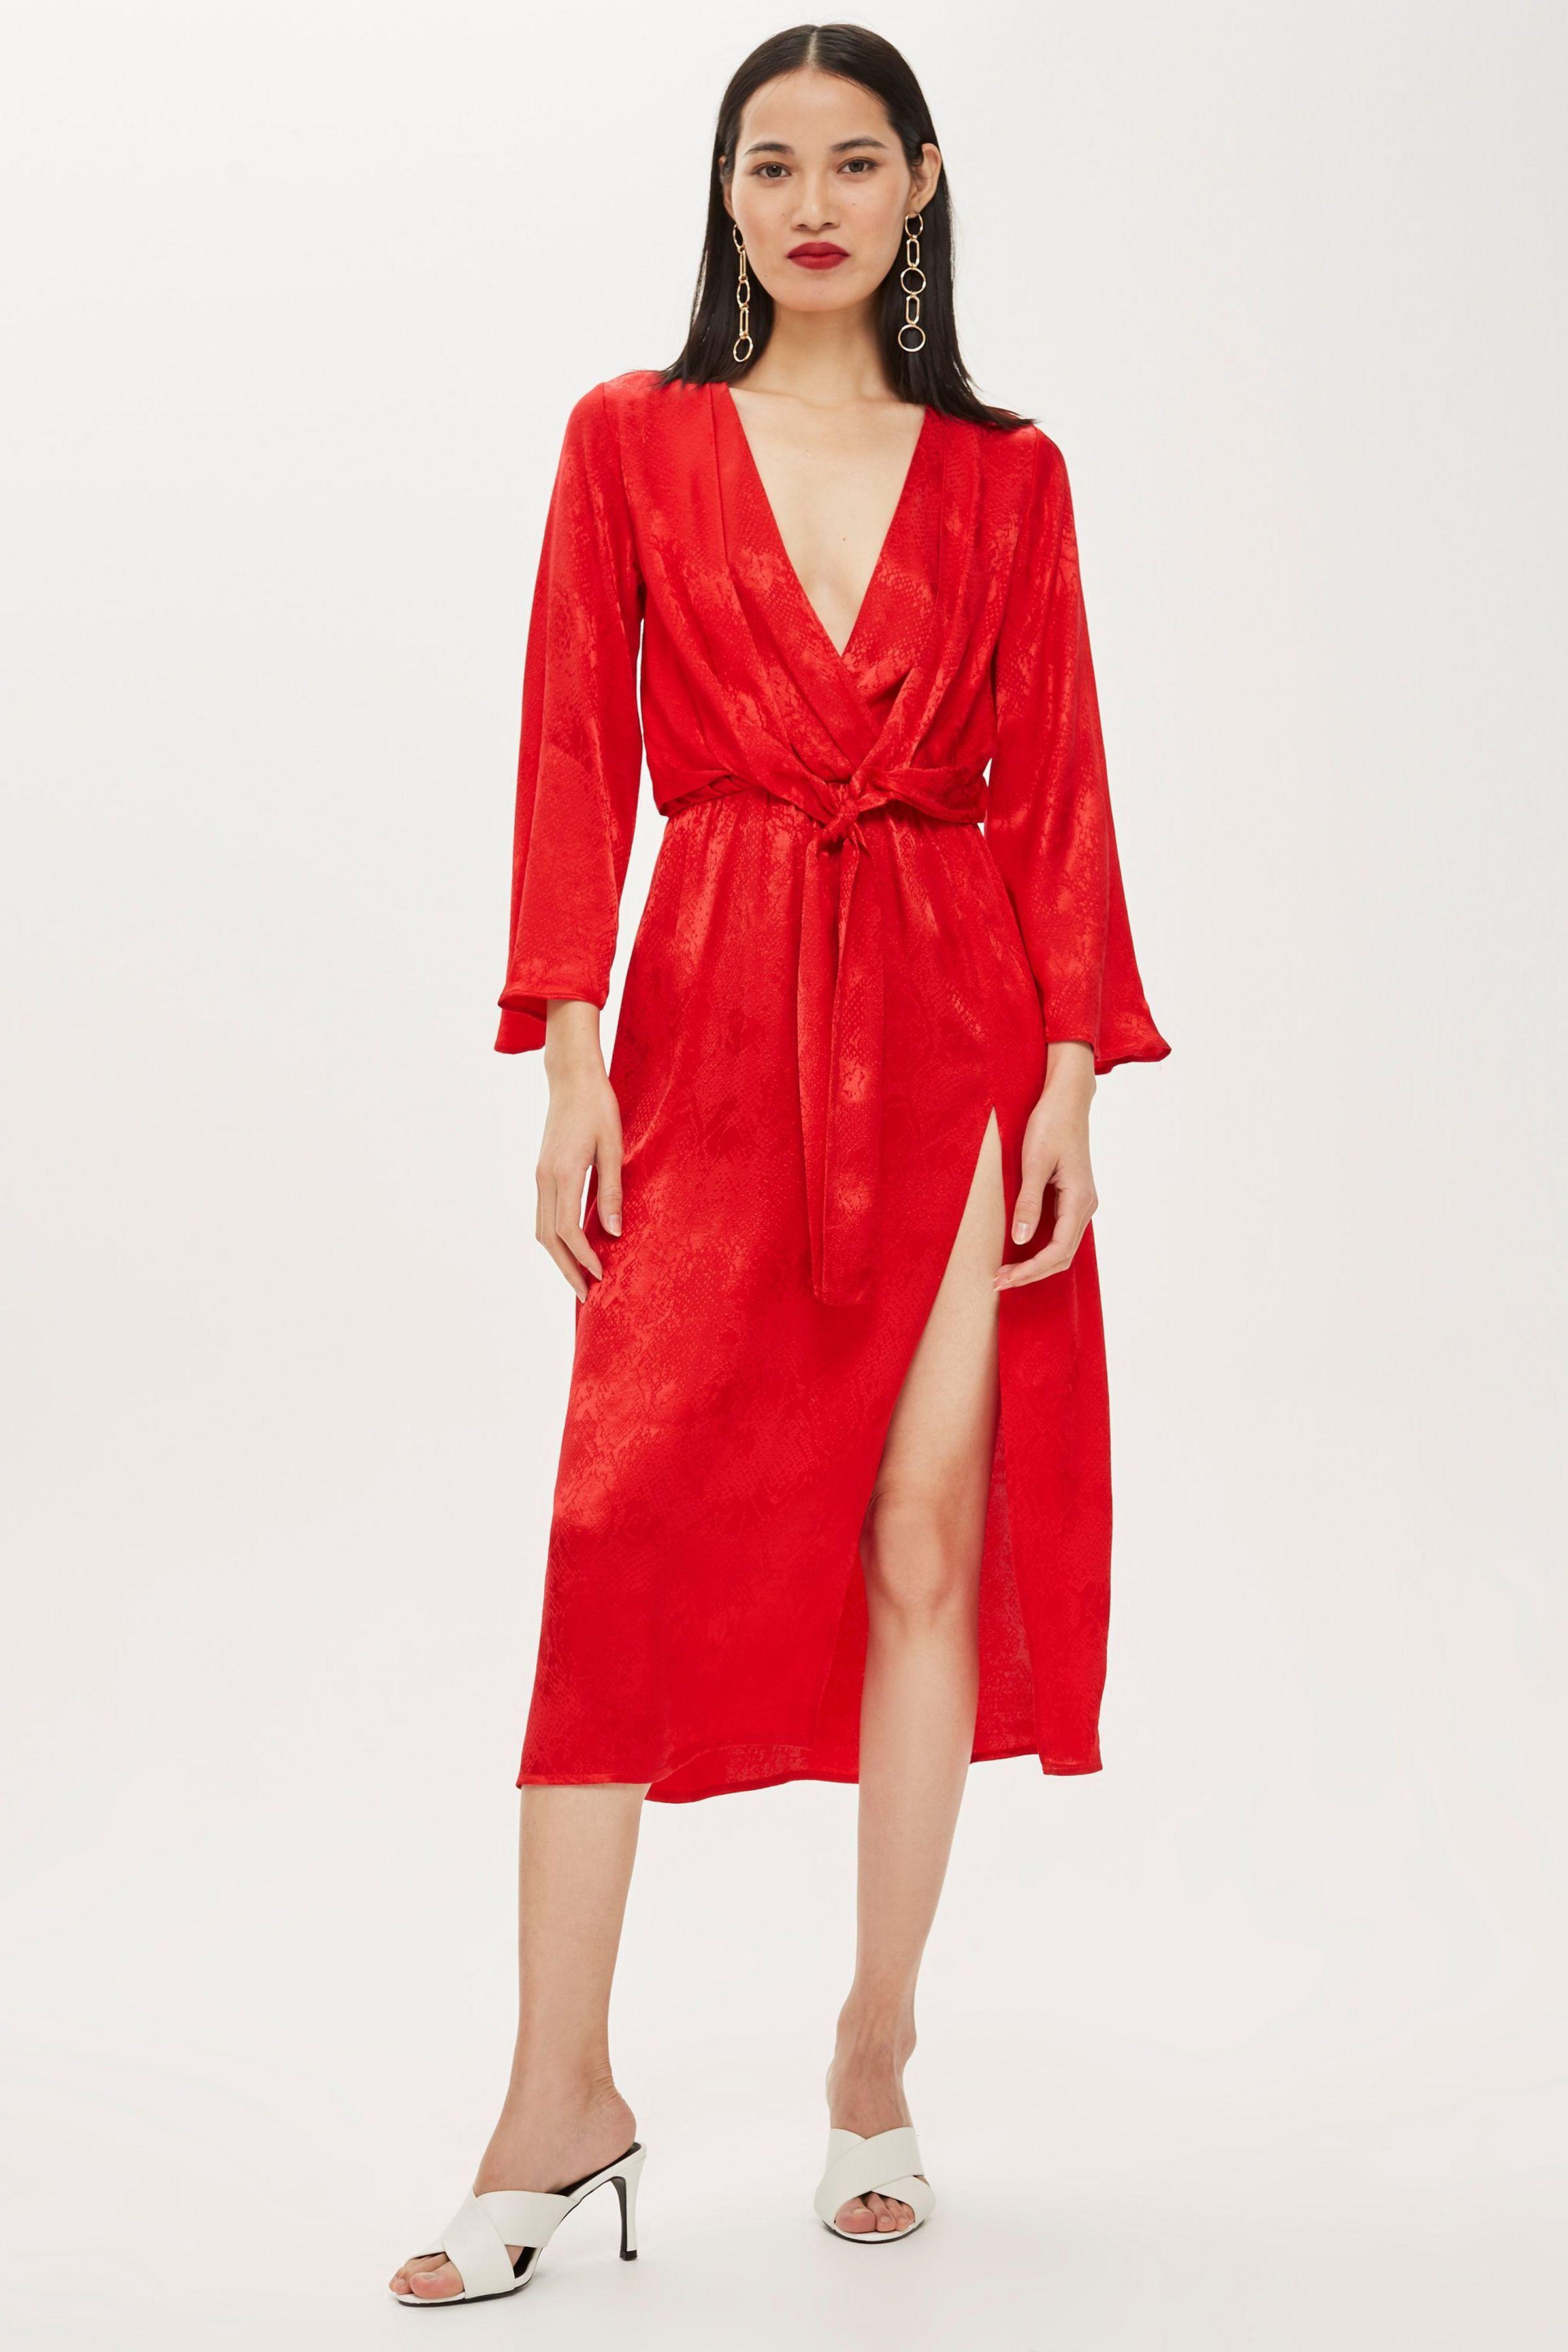 abe4bb16144 Stein Mart Plus Size Cocktail Dresses - Gomes Weine AG